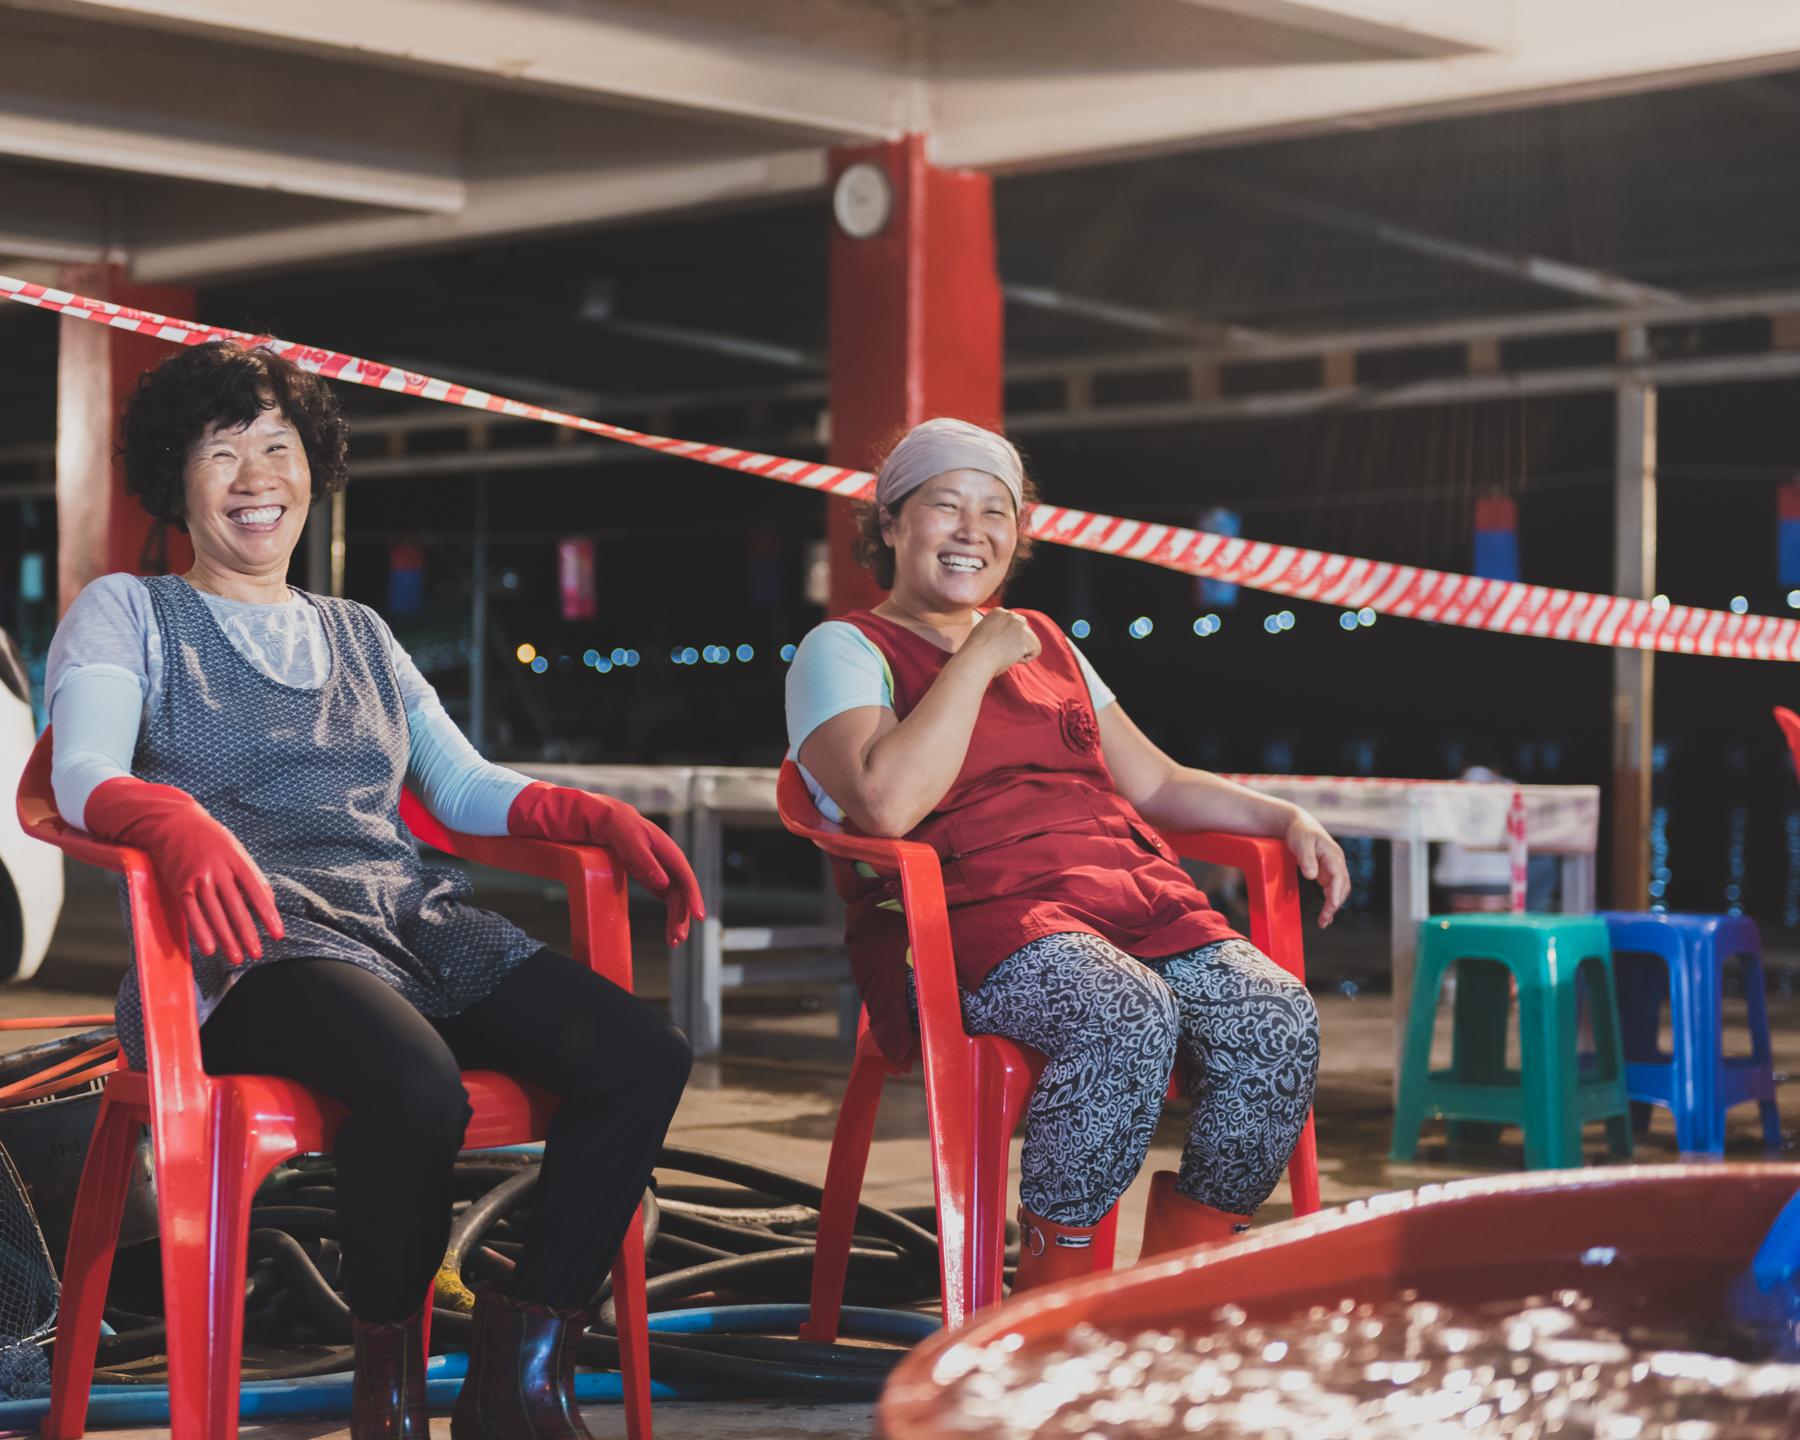 ladies on red chairs.jpg